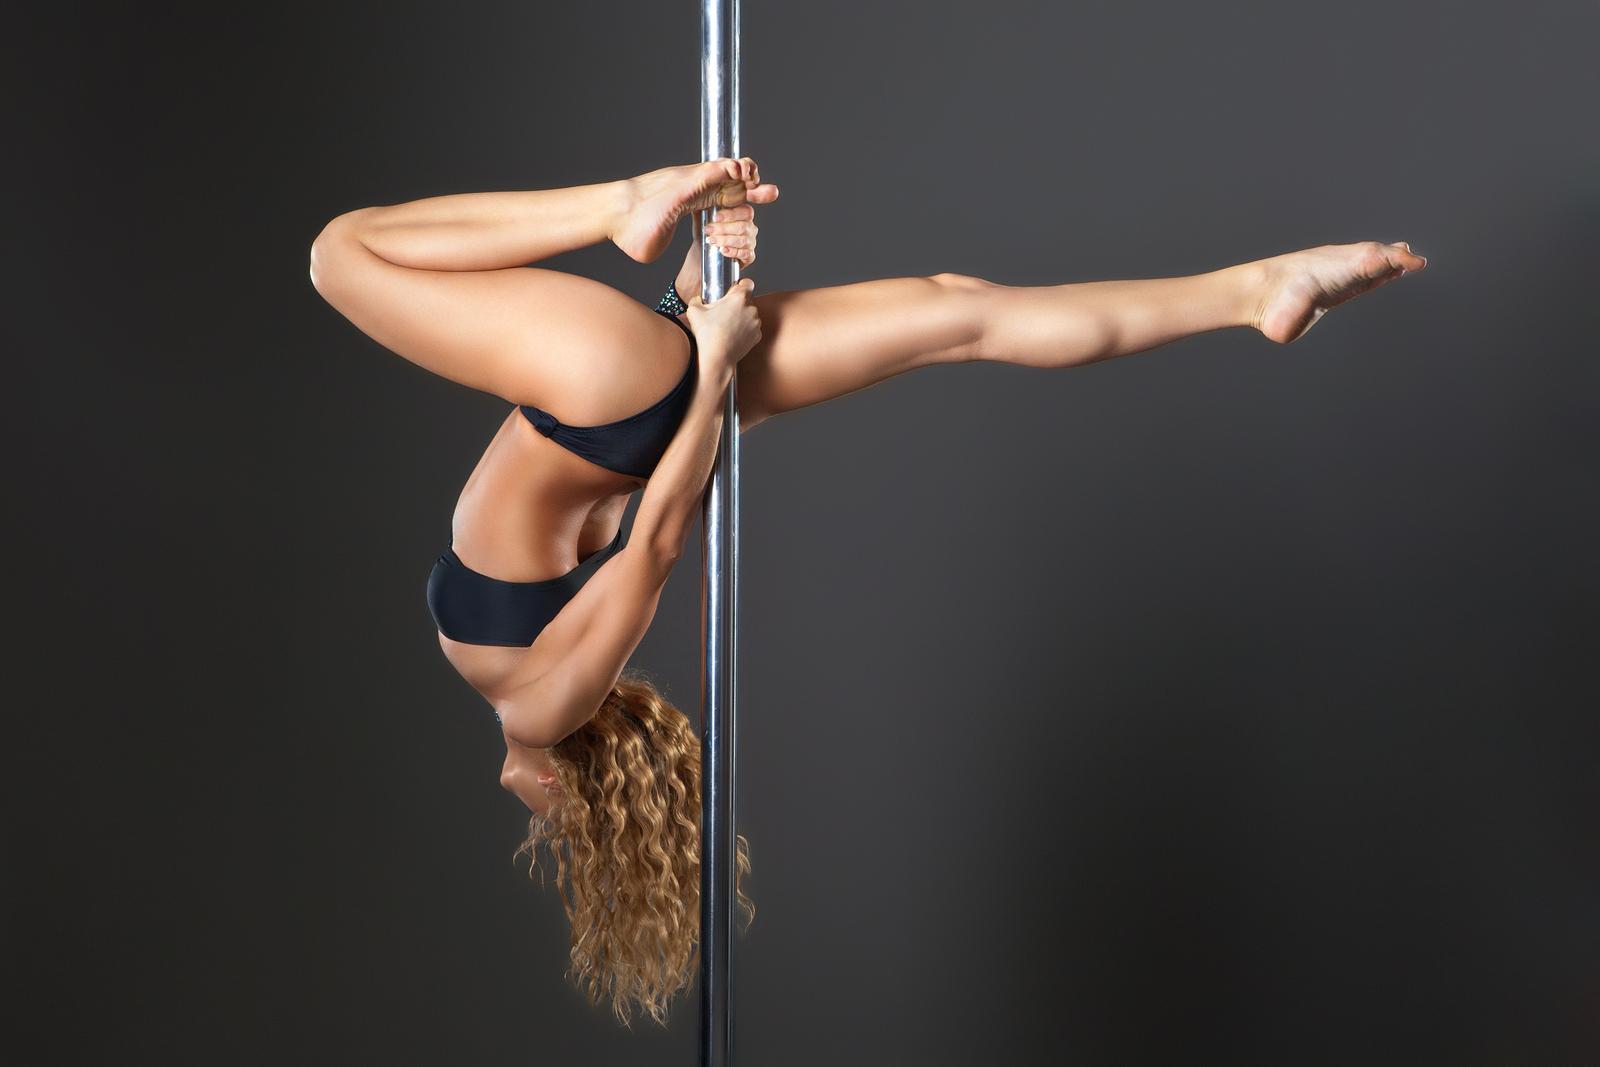 ad031146724c2 Se no começo o pole dance era associado apenas à sensualidade, essa imagem  já está um pouco ultrapassada. É claro que os movimentos ainda evocam uma  ...